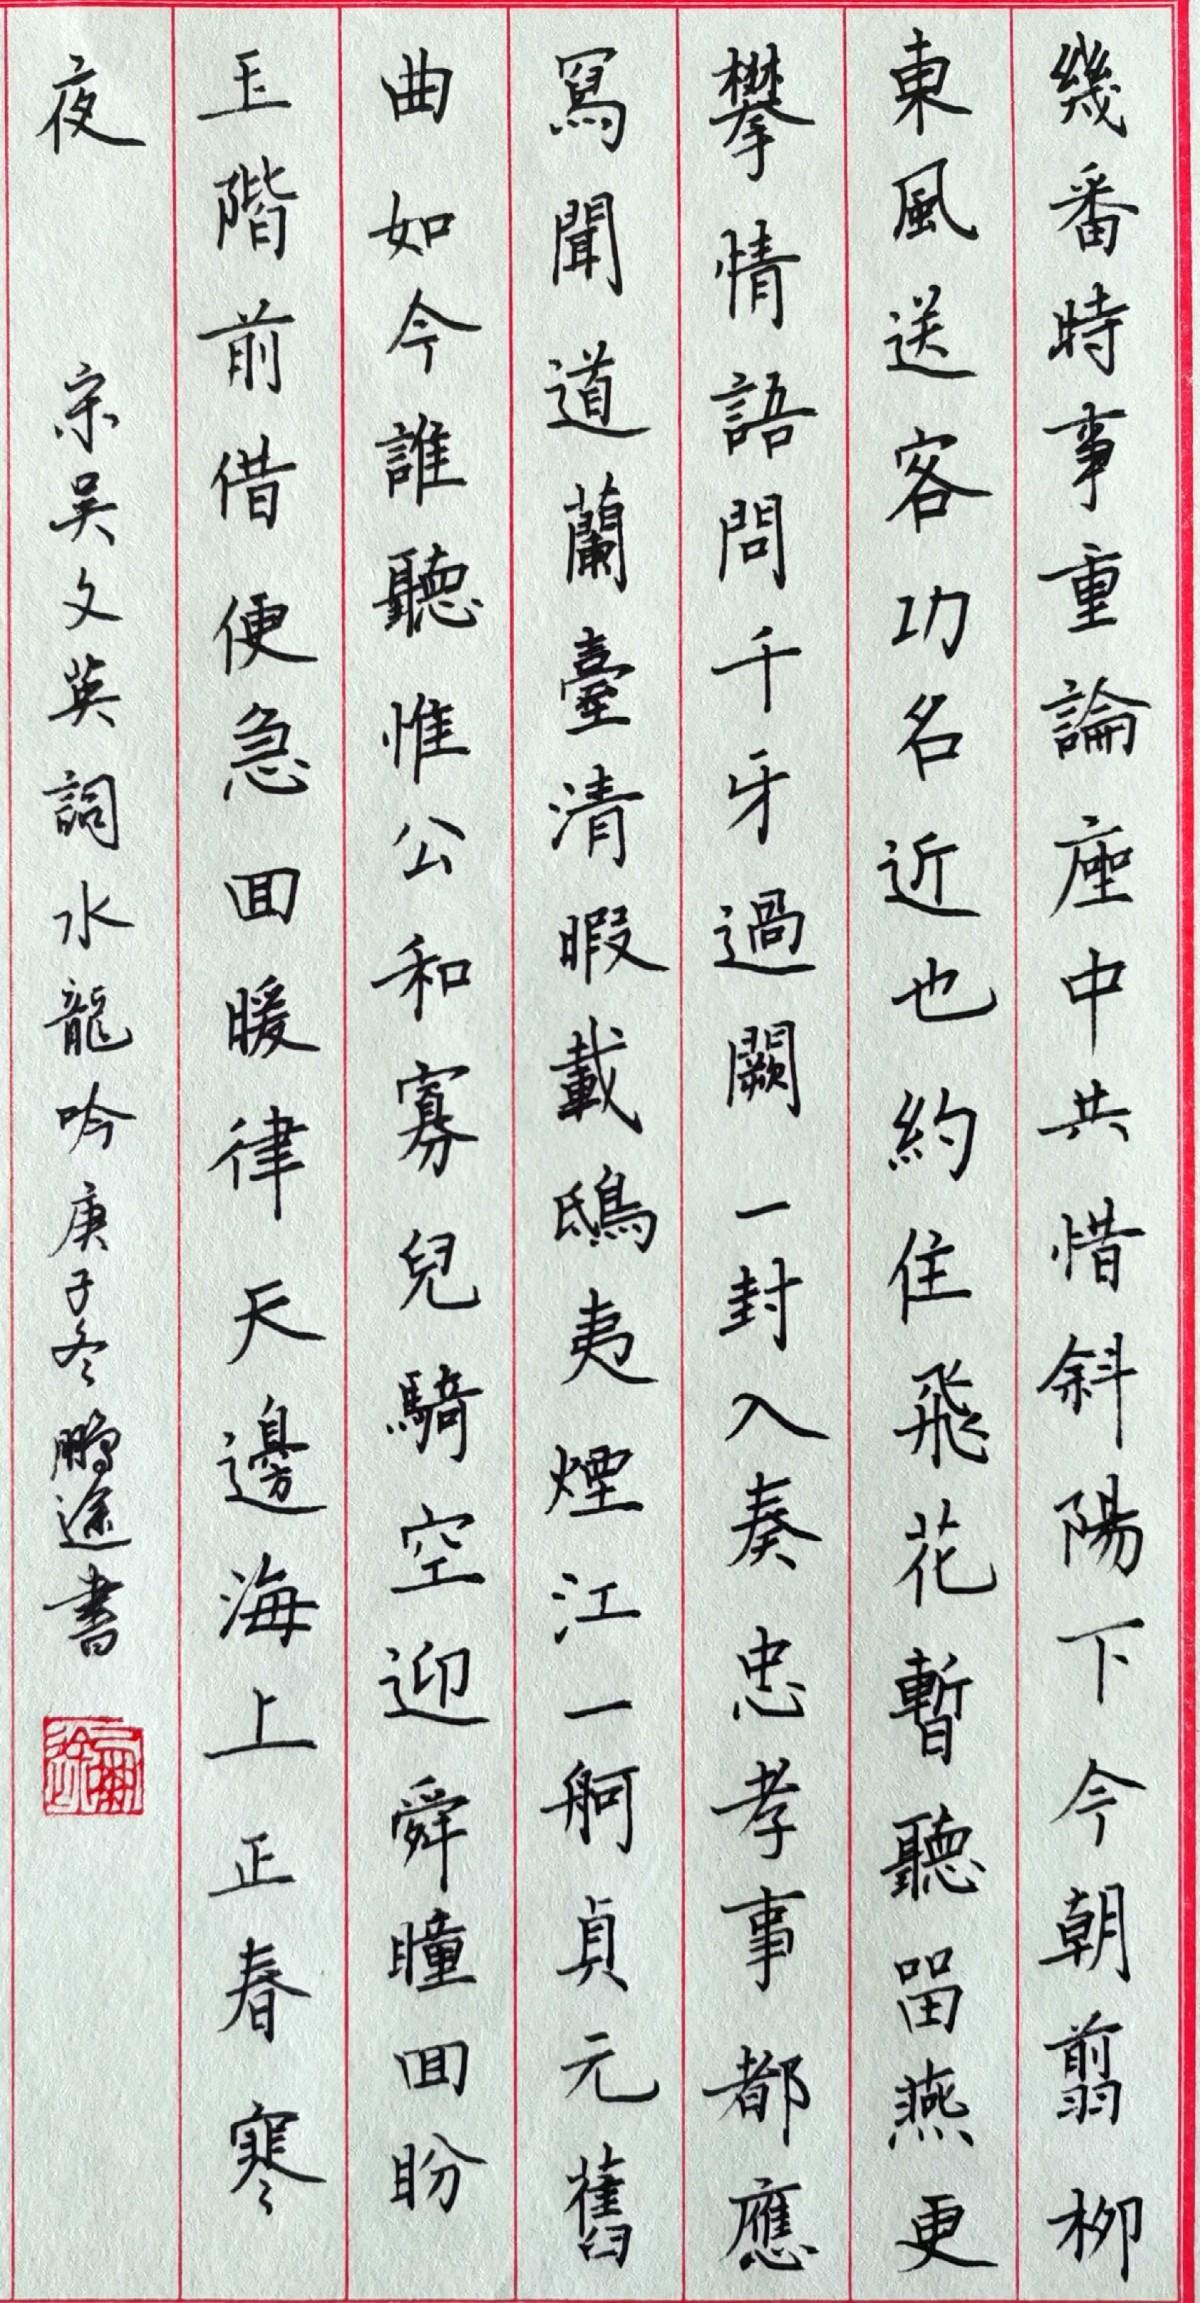 钢笔爱好者练字打卡20210126-11